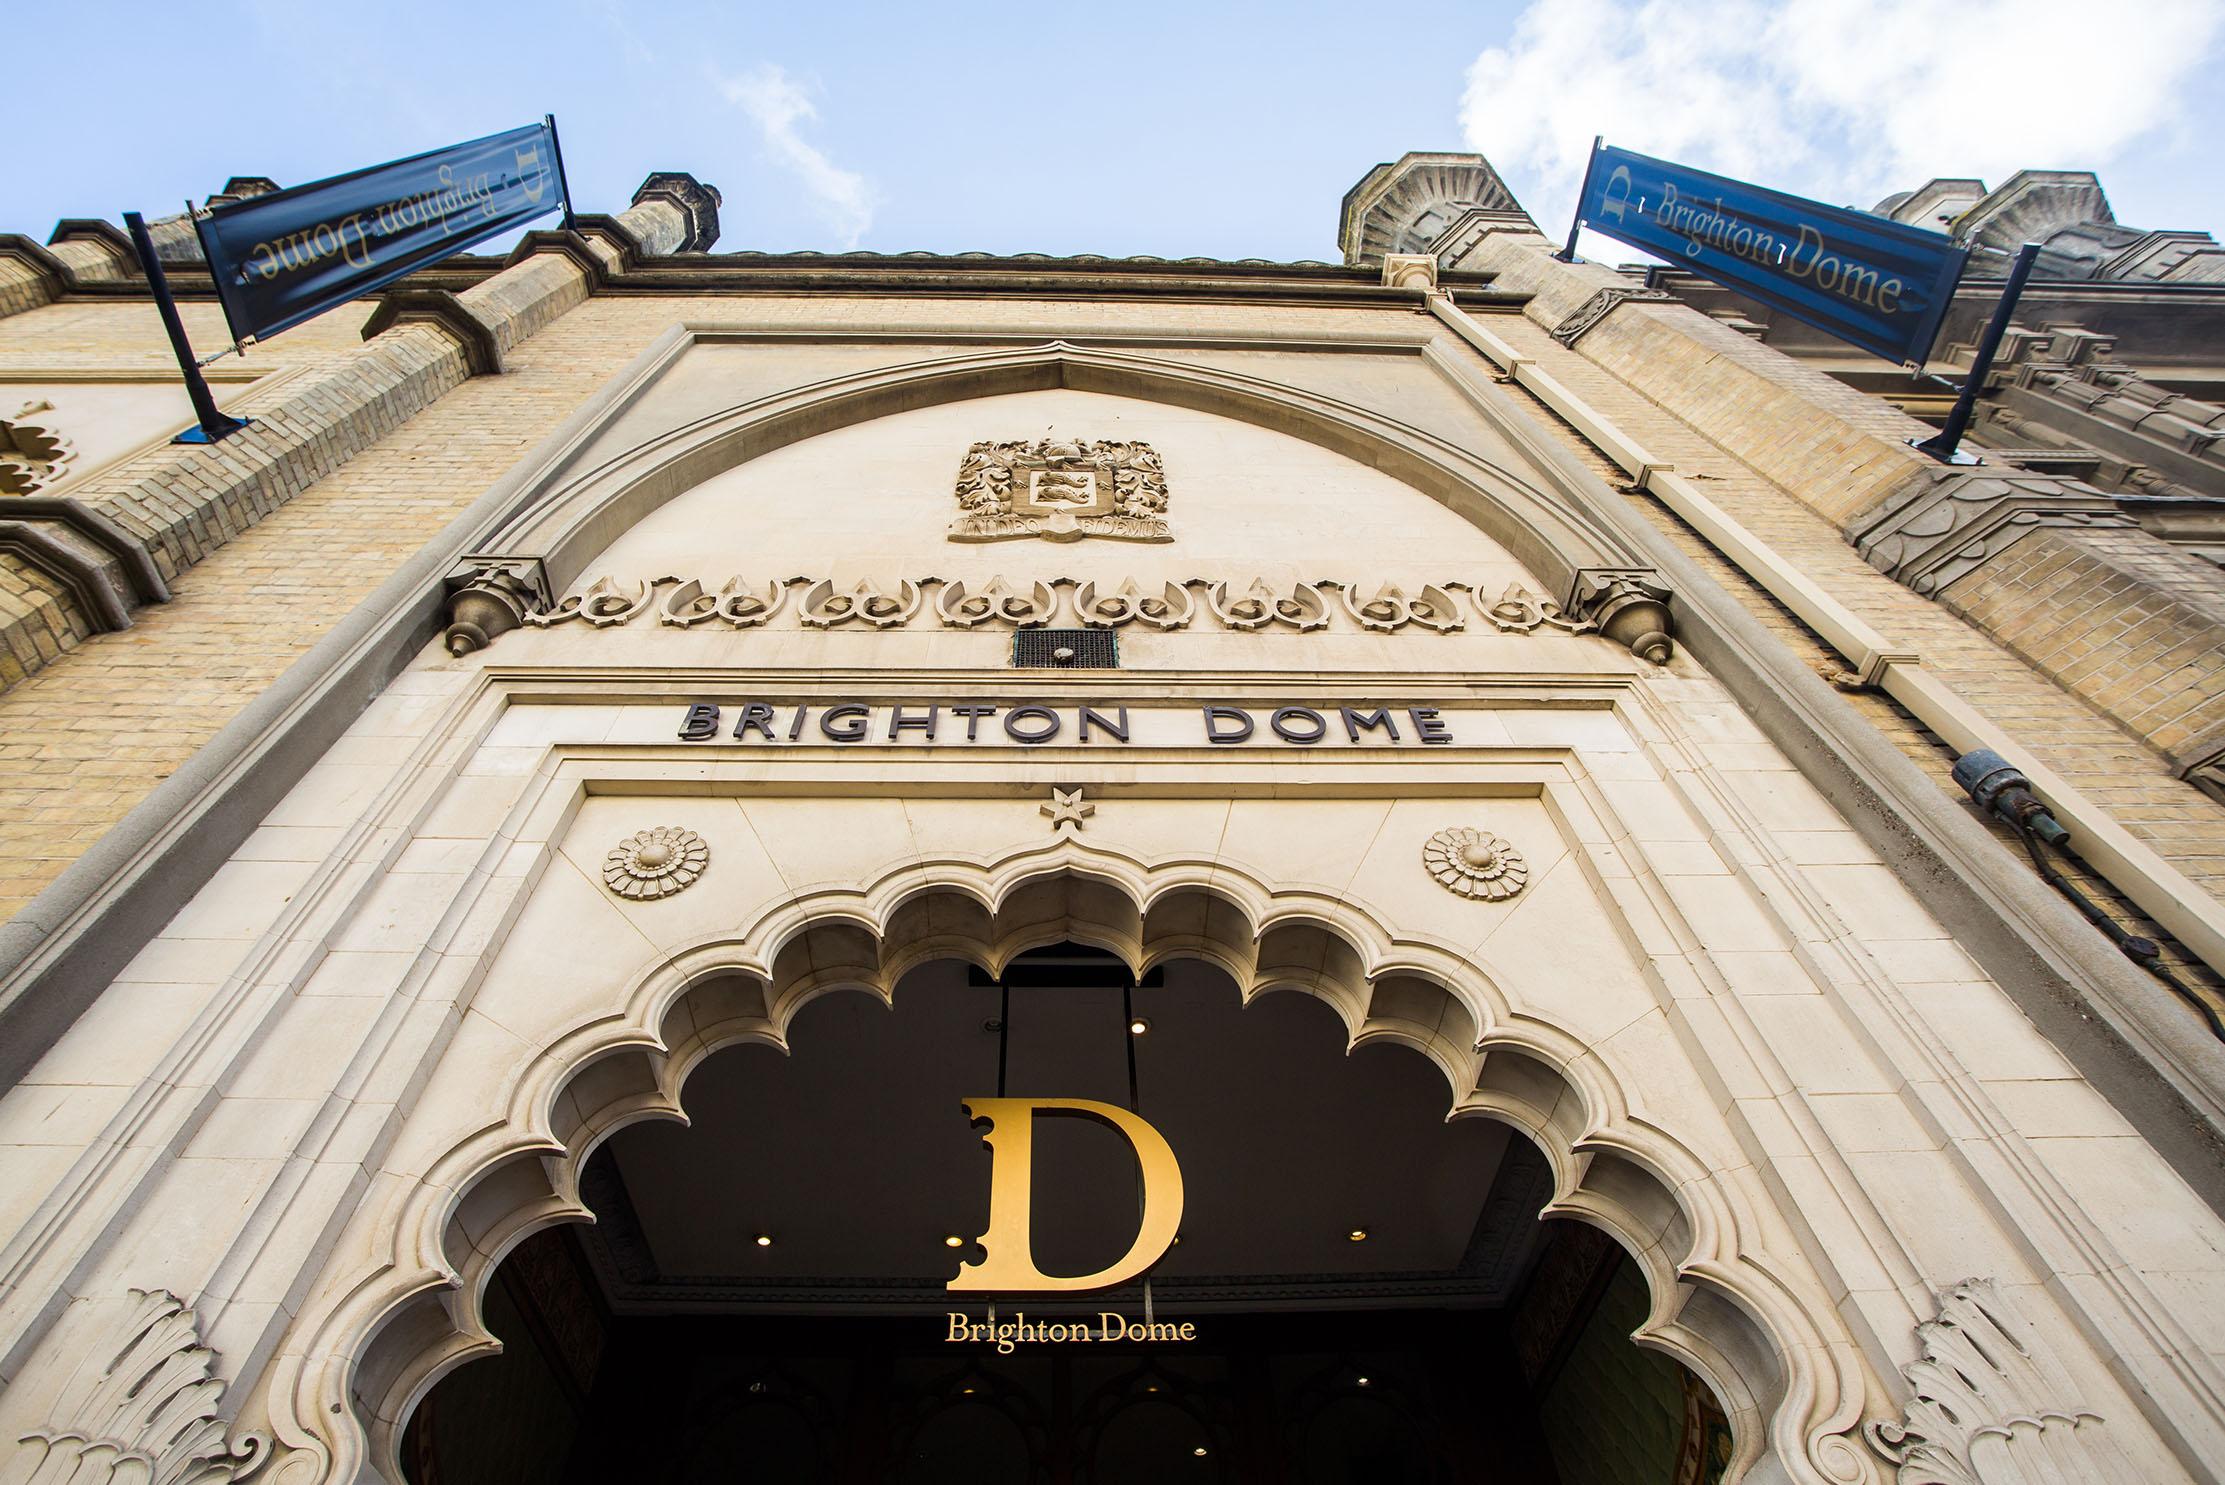 Supporters of Brighton Dome & Brighton Festival have raised over £70,000 towards the crowdfunding campaign#BringBackBrightonDome.